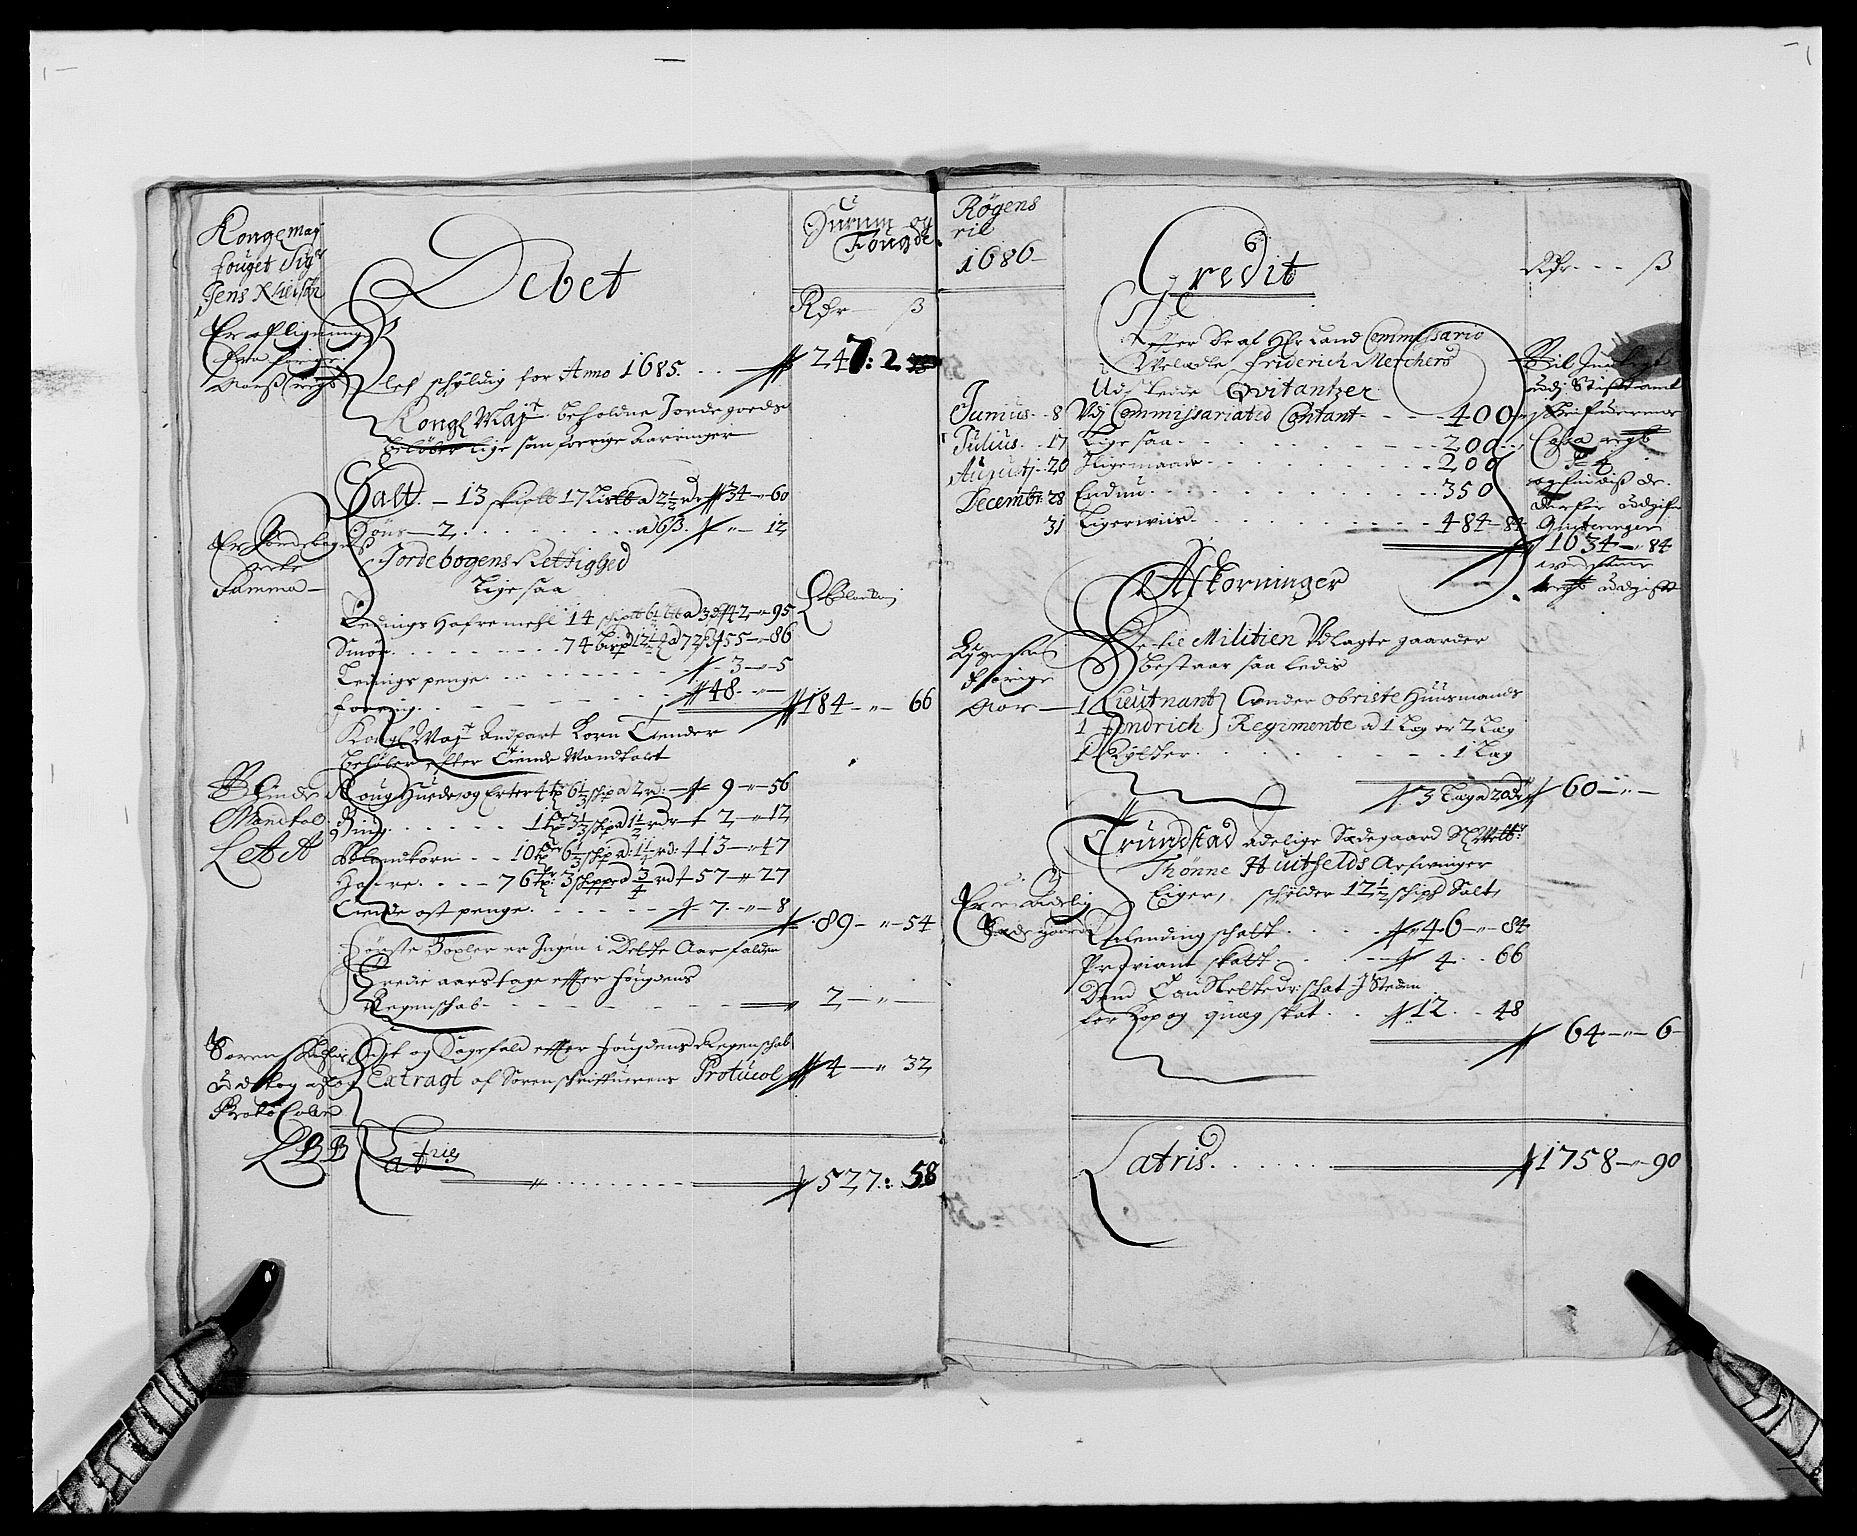 RA, Rentekammeret inntil 1814, Reviderte regnskaper, Fogderegnskap, R29/L1692: Fogderegnskap Hurum og Røyken, 1682-1687, s. 15